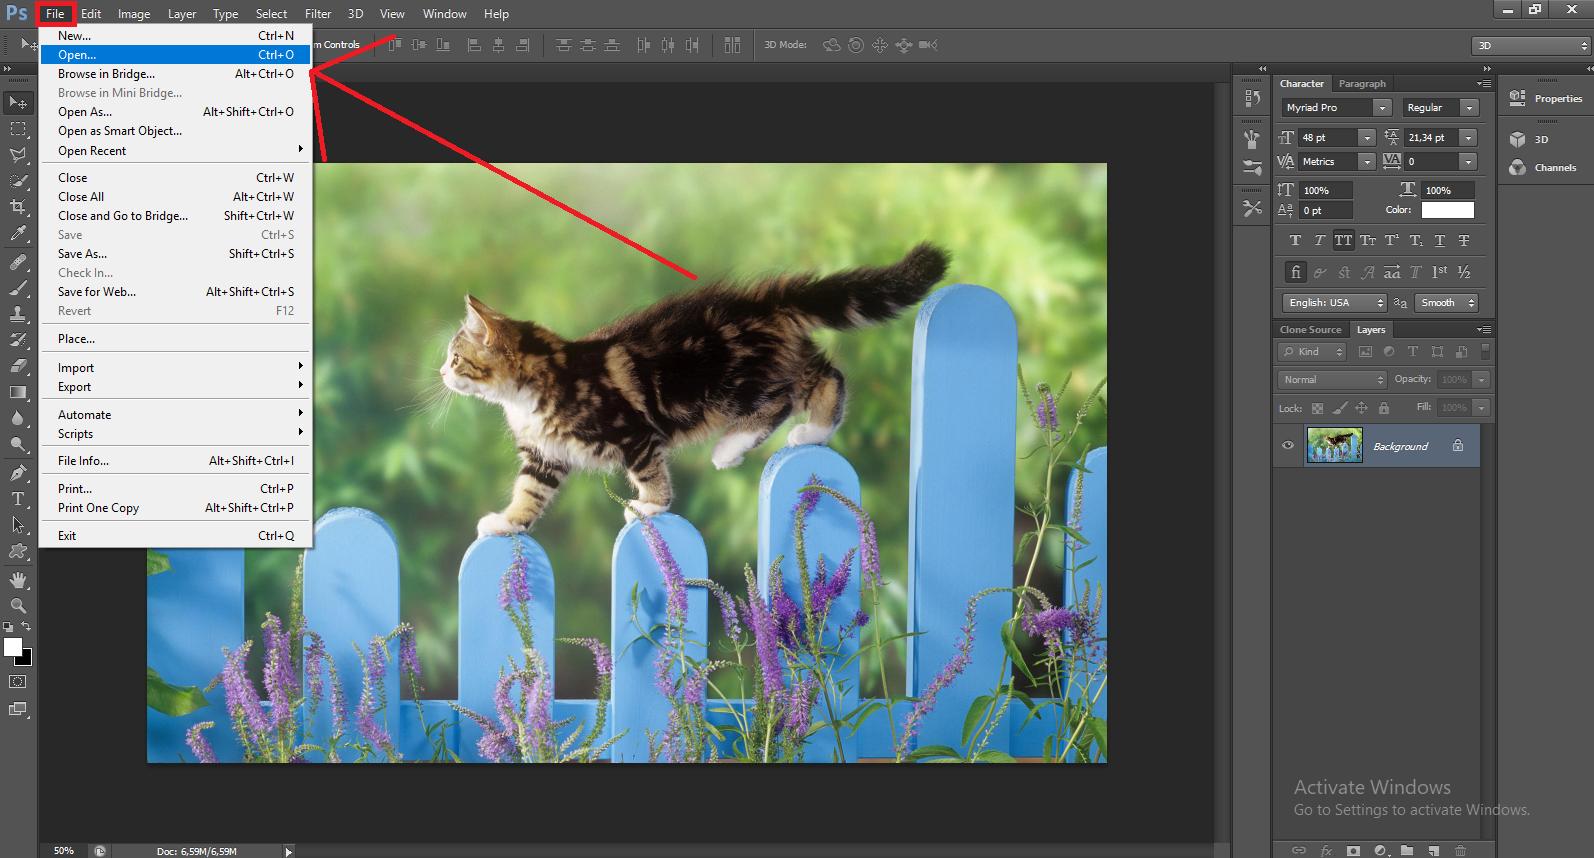 Bước 1: Trước tiên bạn mở ứng dụng Photoshop lên, rồi Open file ảnh vào Photoshop. Sau đó nhấn Ctrl + J để nhân đôi Layer .